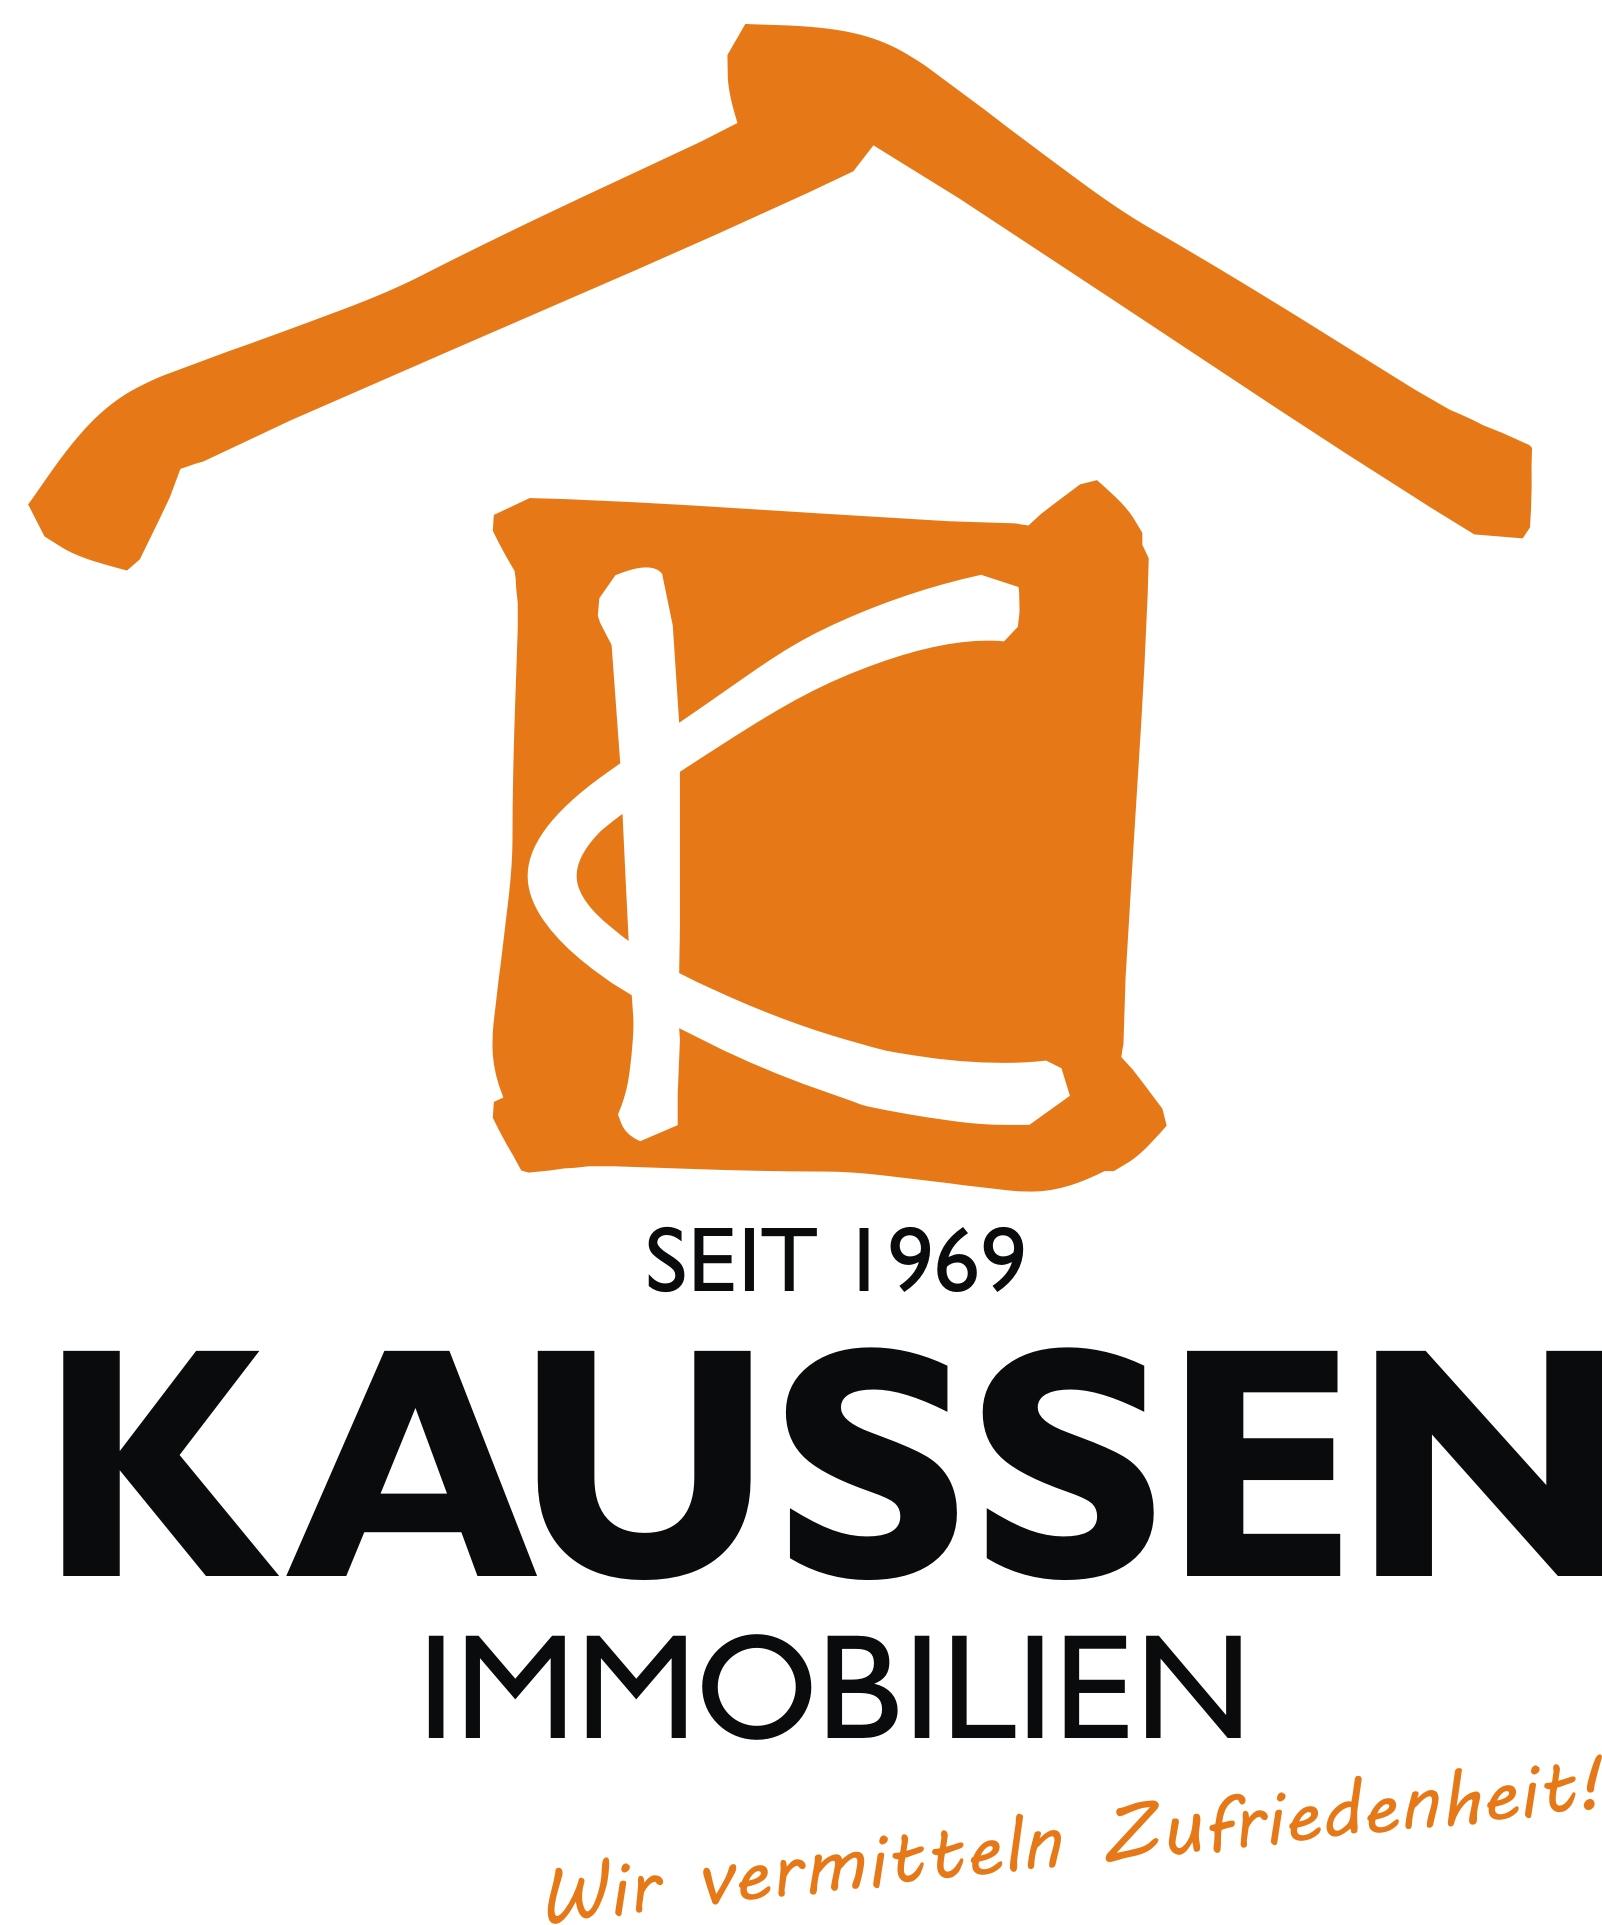 Hier sehen Sie das Logo von Kaussen Immobilien IVD